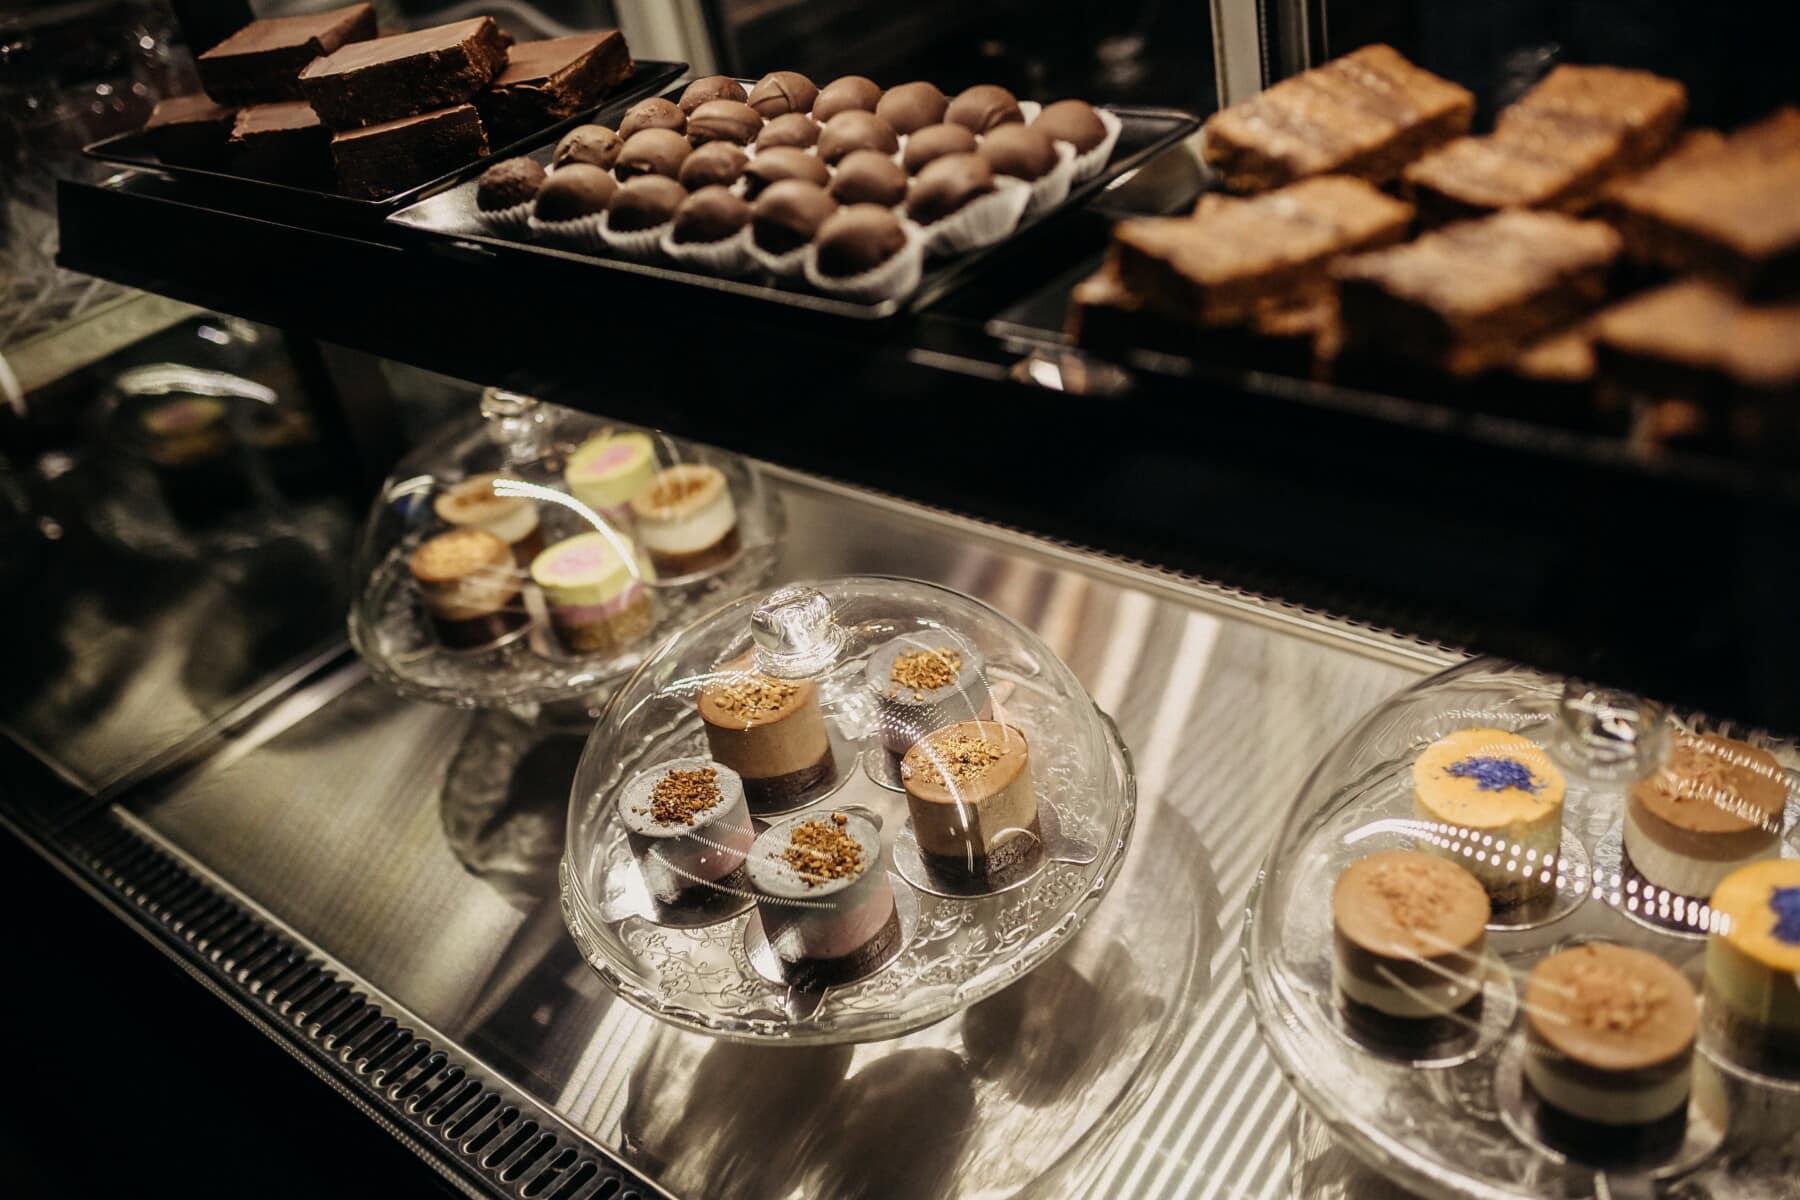 tiệm bánh, bánh ngọt, phân loại, bánh bít qui, Bàn nhà bếp, sô cô la, nhà bếp, ngọt ngào, cửa hàng, thực phẩm